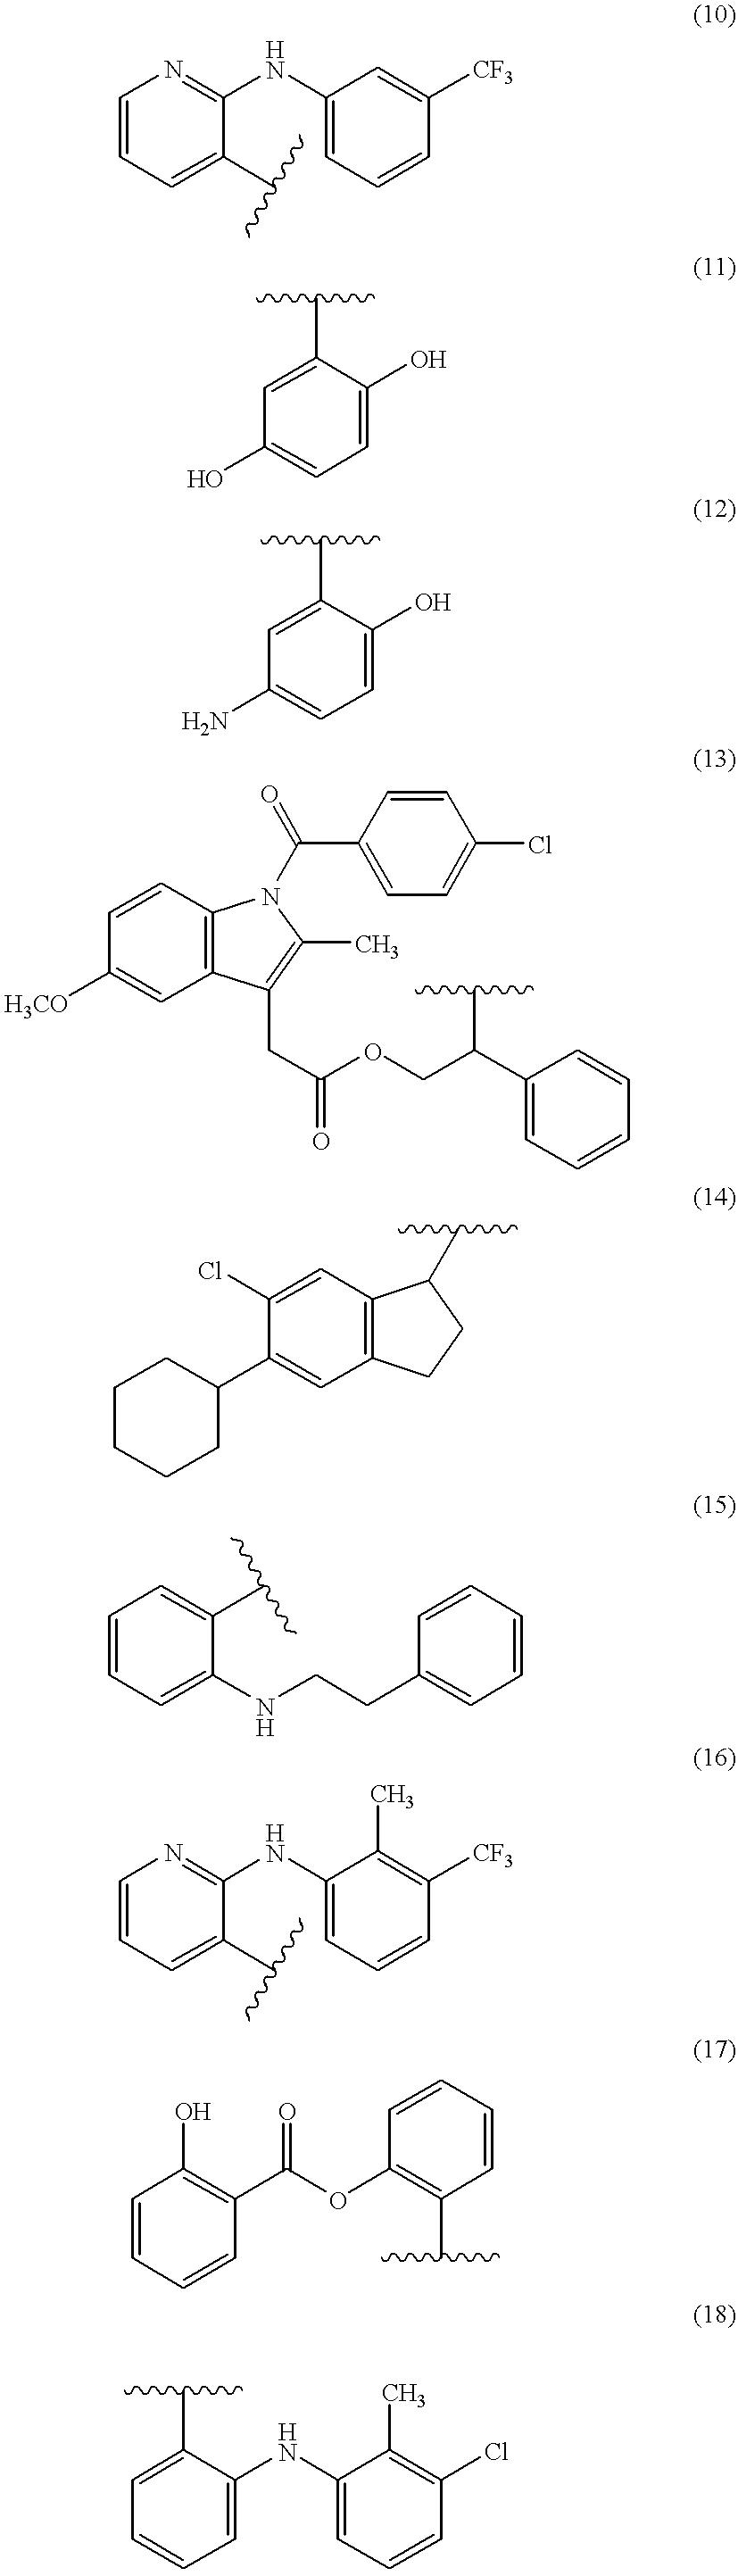 Figure US06297260-20011002-C00025